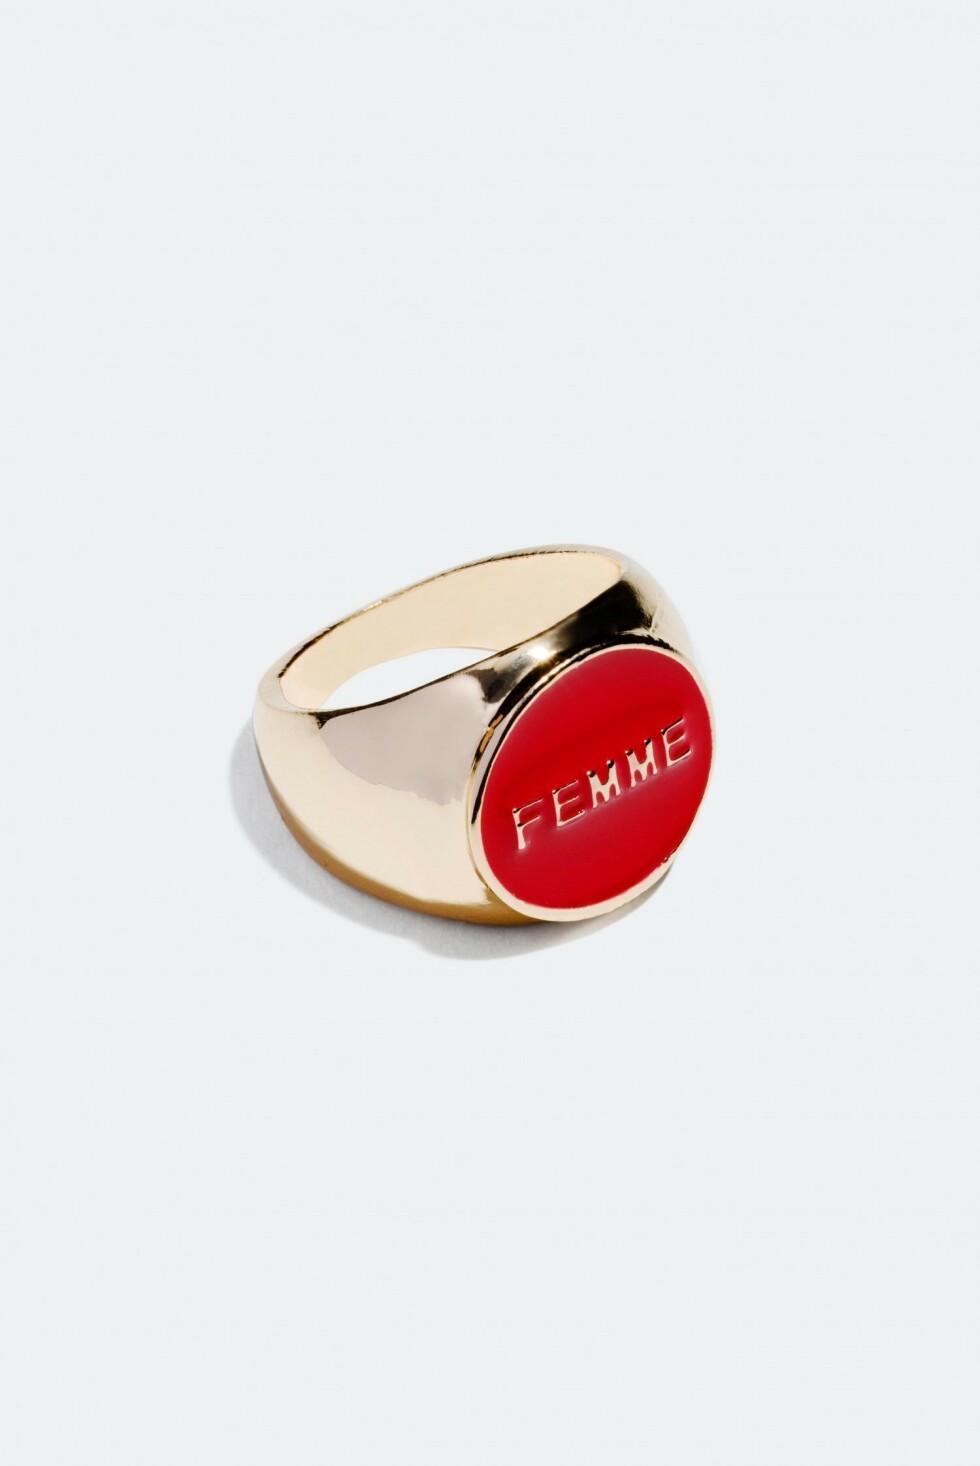 Ring fra Glitter |99,-| https://www.glitter.no/ring-med-ordet-femme